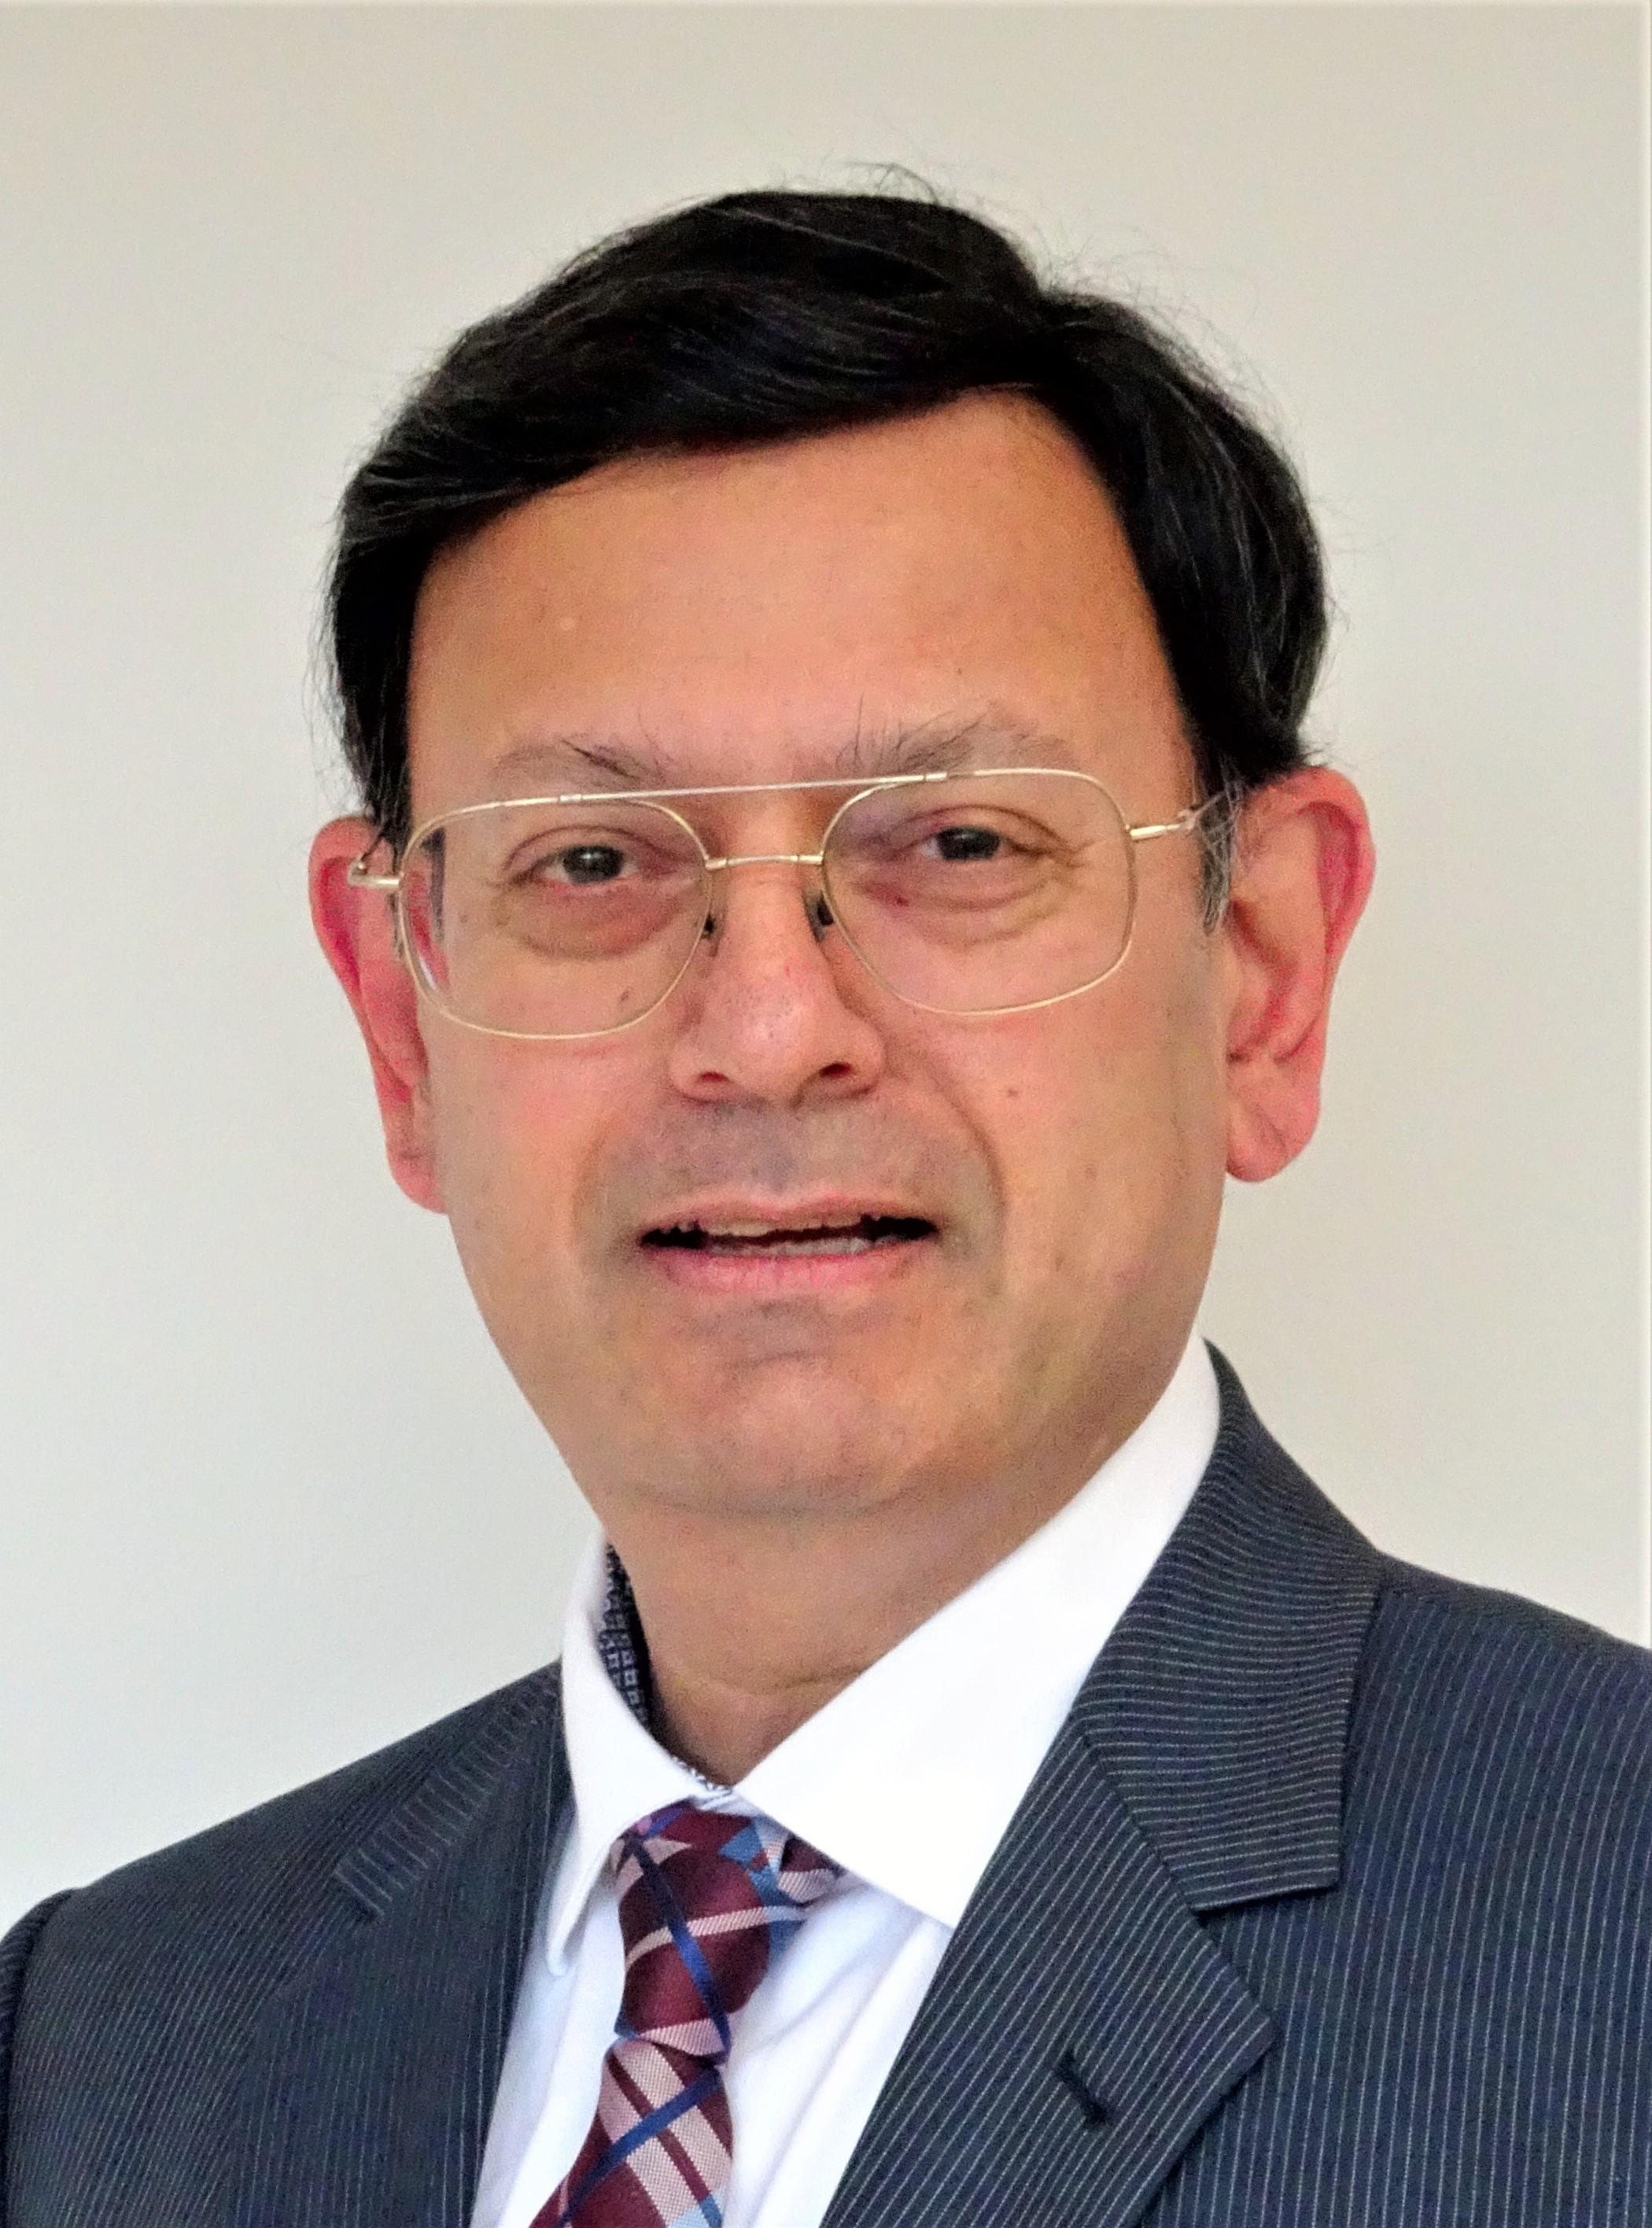 Prof Keshav Singhal MBE FLSW